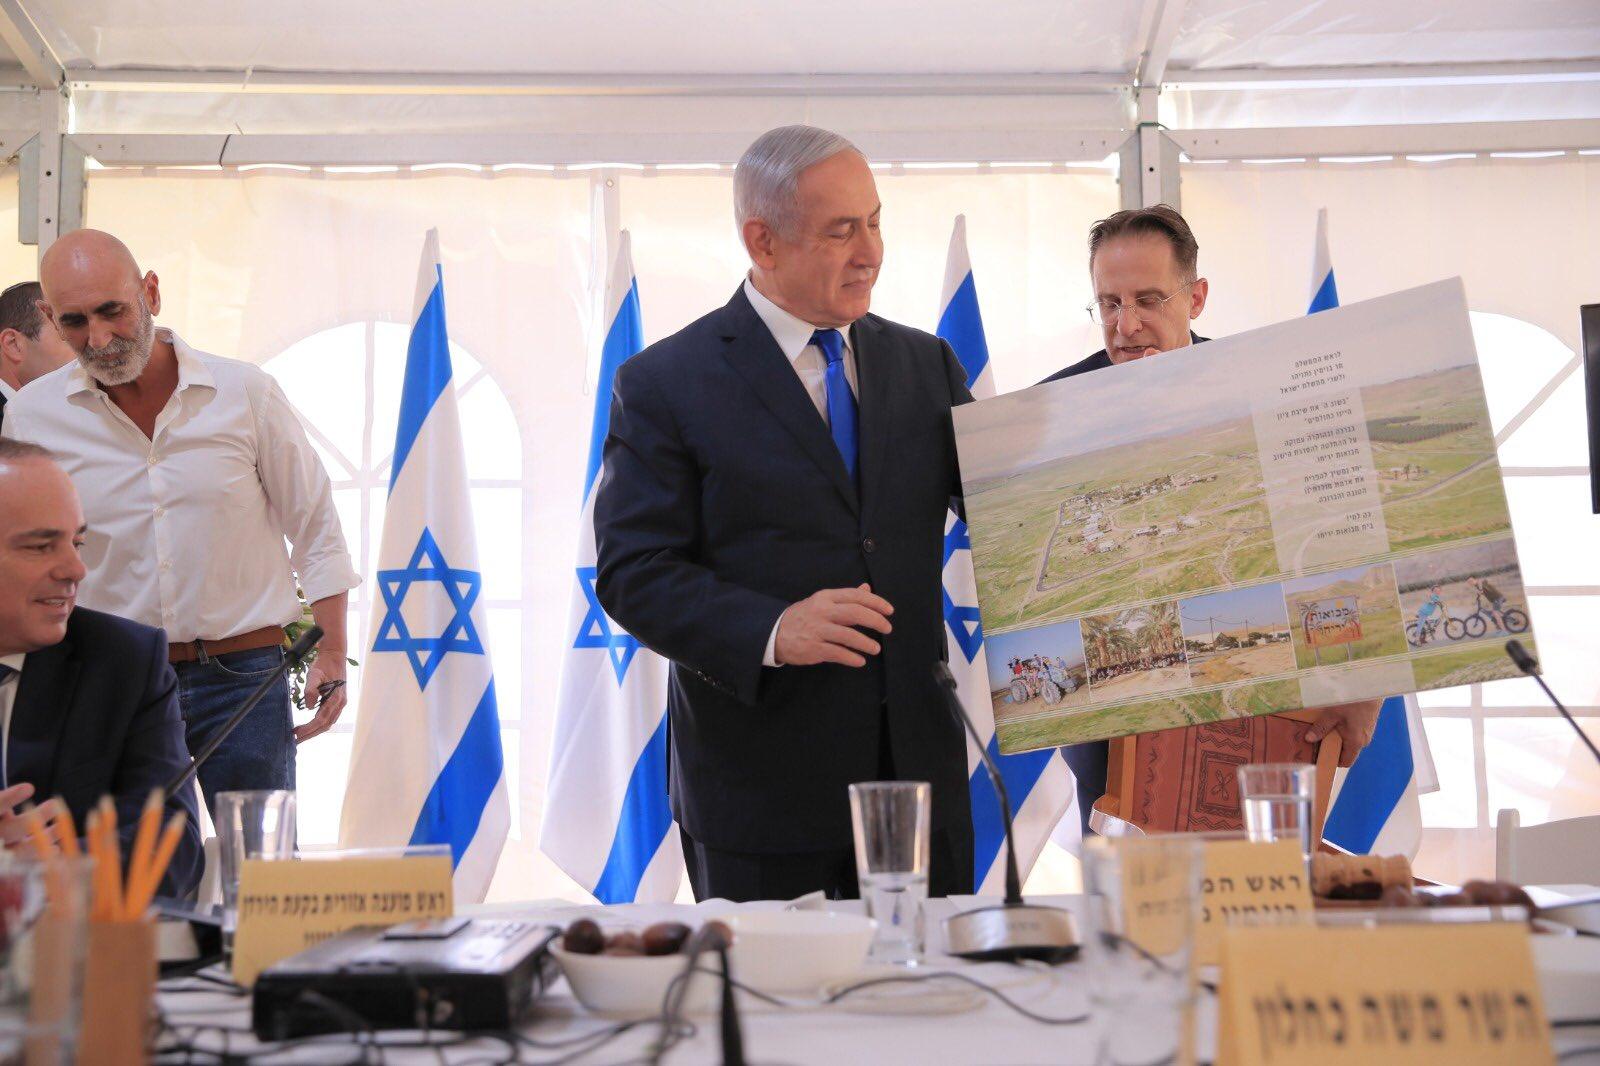 Netanyahu muestra un mapa de los nuevos asentamientos israelíes en Palestina. Foto: Twitter / Netanyahu